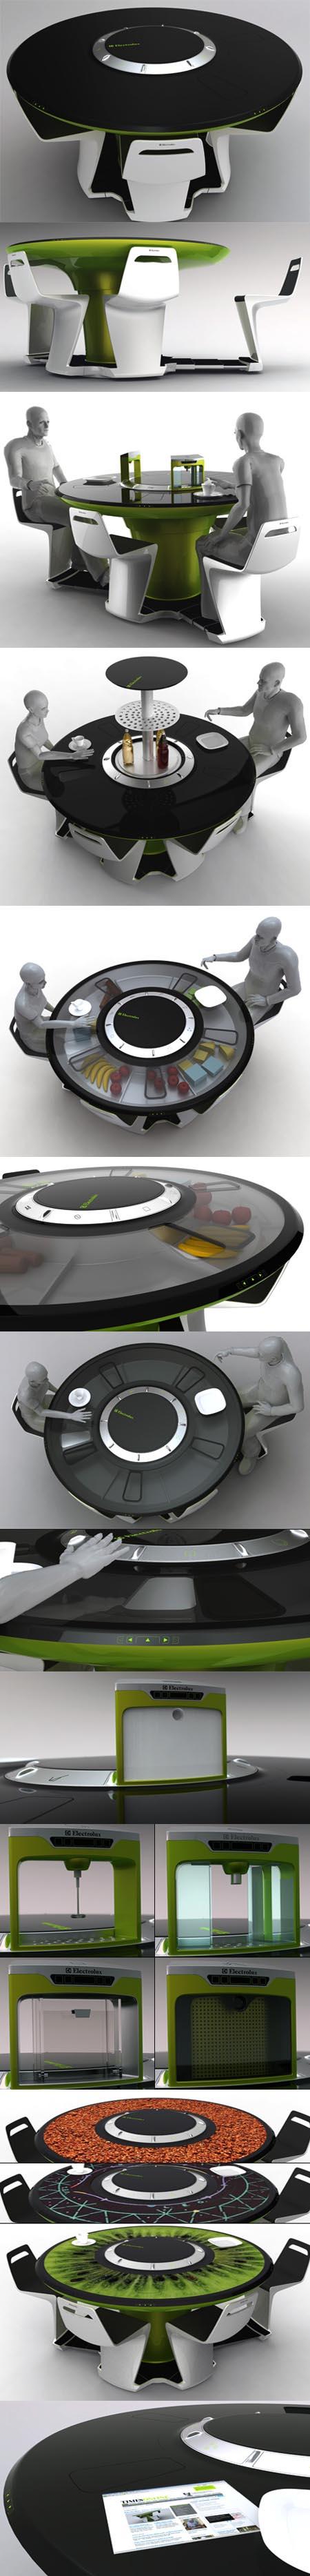 Electrolux Tavolo-cucina tecnologico